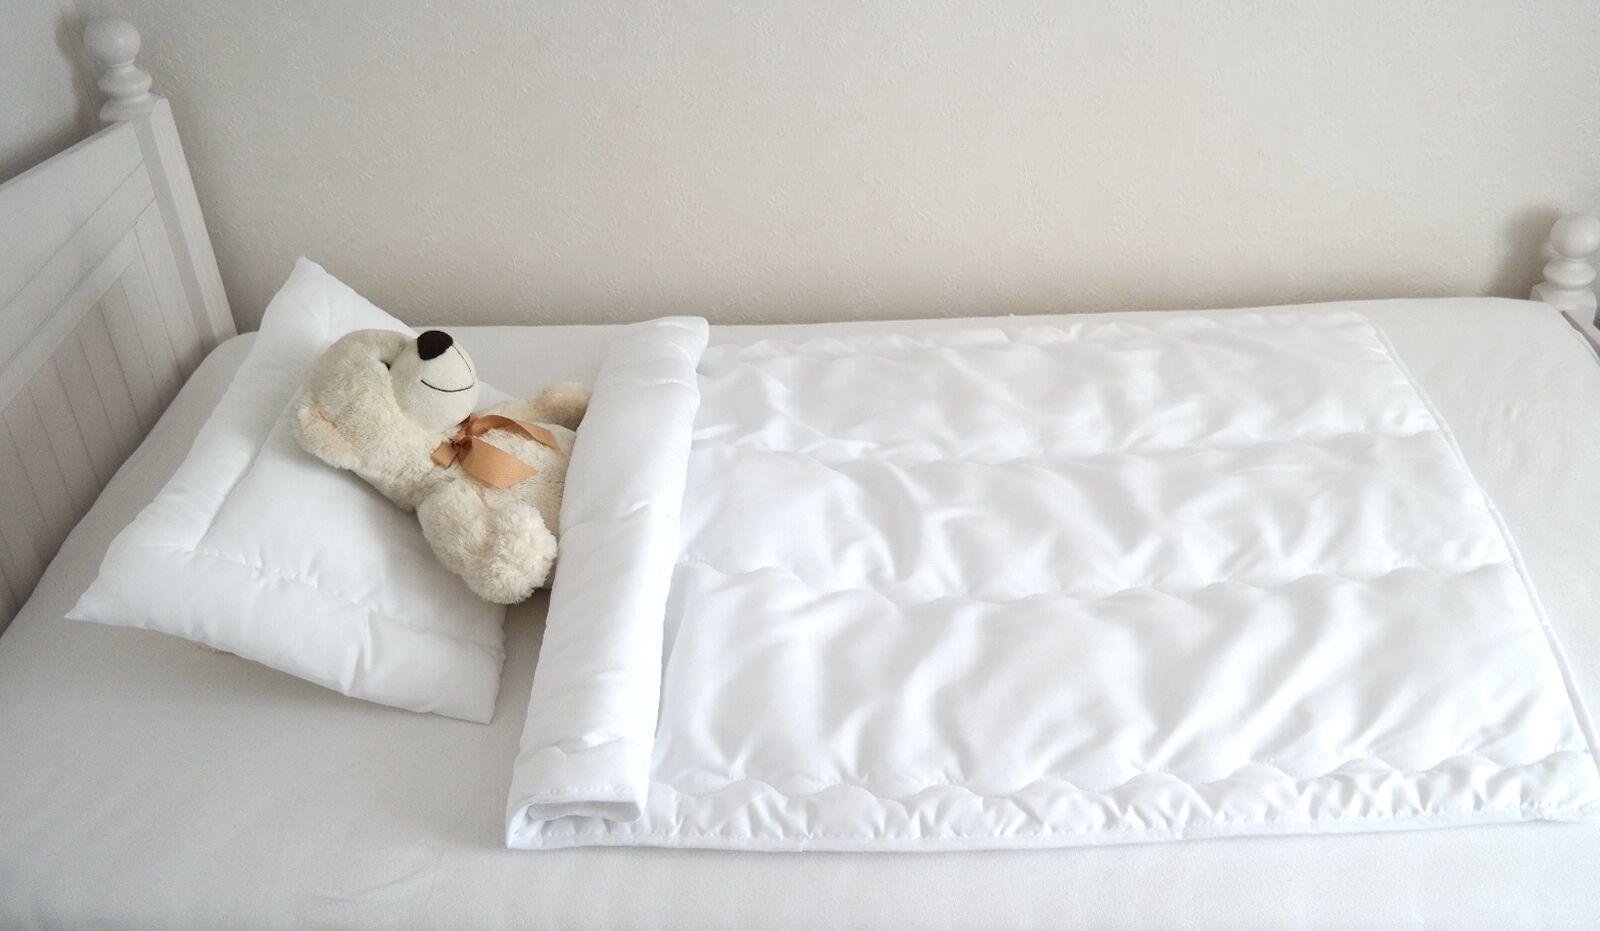 Decke Bettdecke Sommer Decke Leichte Decke Baby Kinder Wellen Steppung 100x135cm